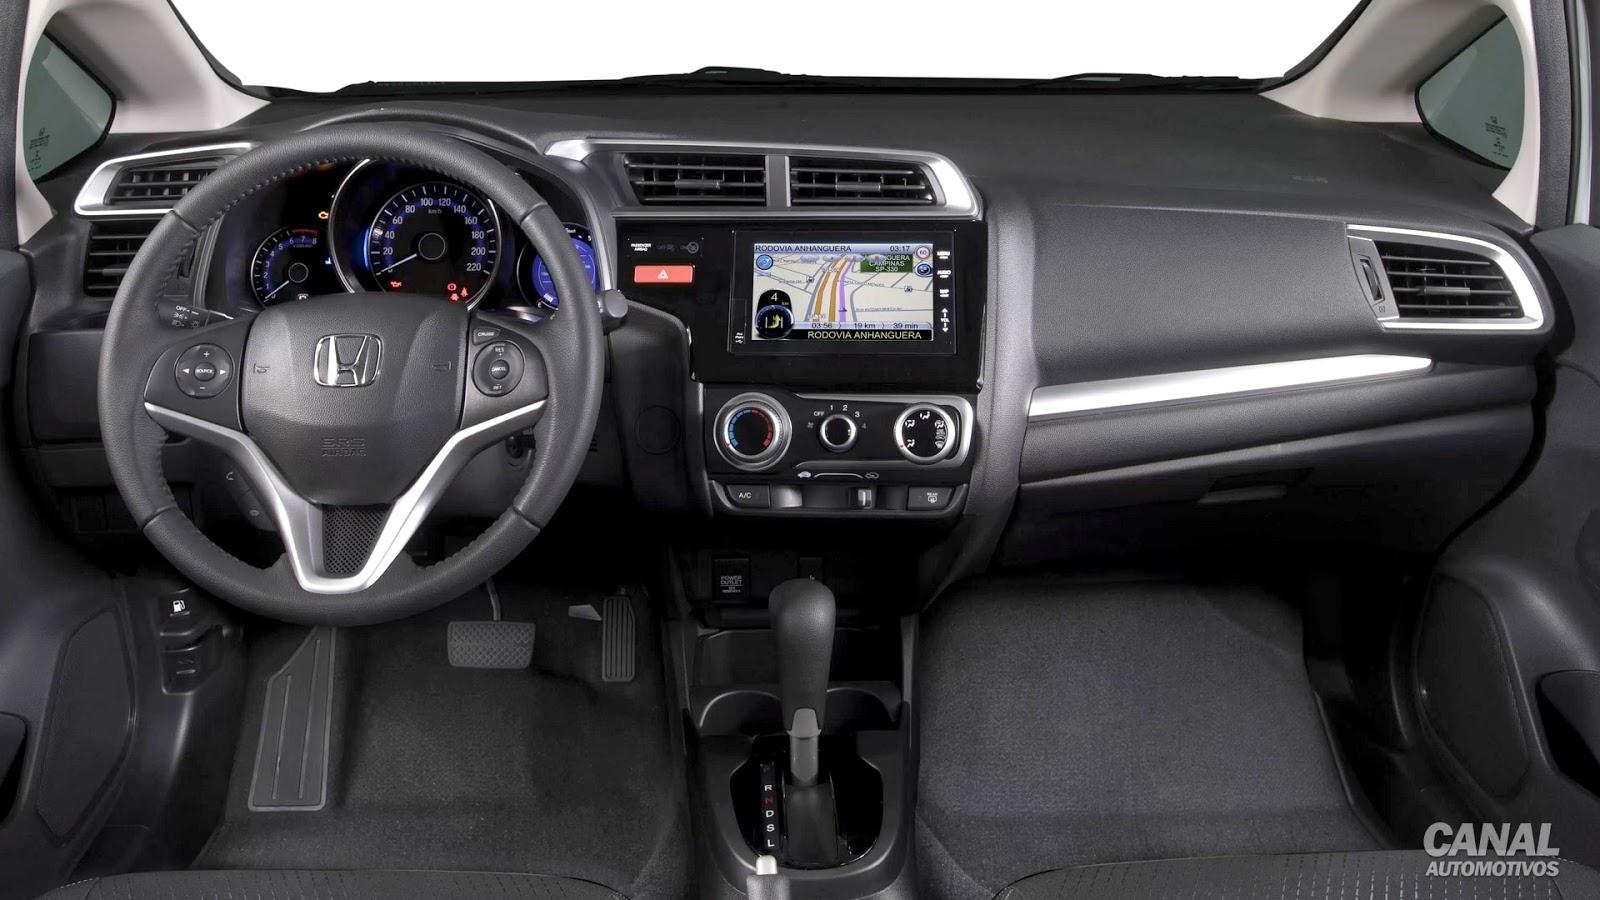 Honda wrv 2017 fotos todos detalhes canal automotivos consumo pre o noticias ficha t cnica